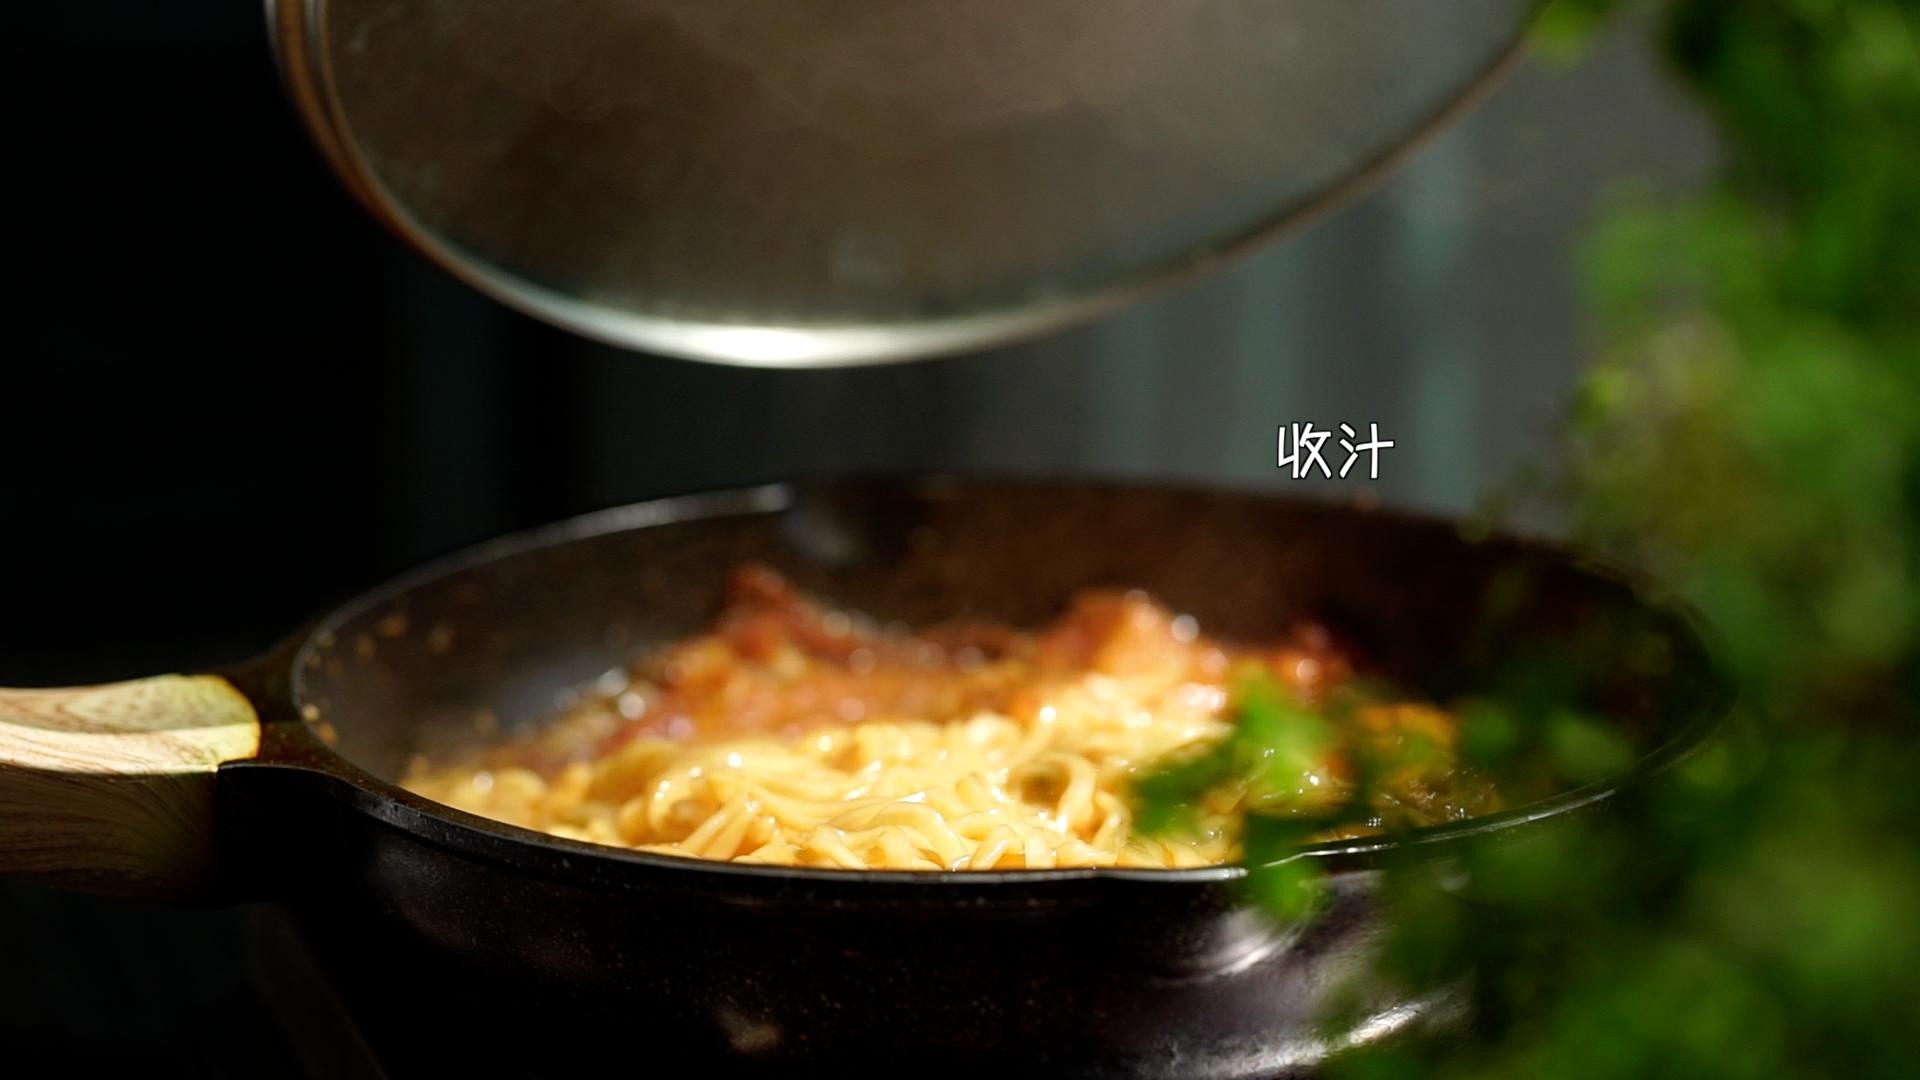 用家里仅剩的面条,做出了刷爆全网的焖面,只要两种简单食材